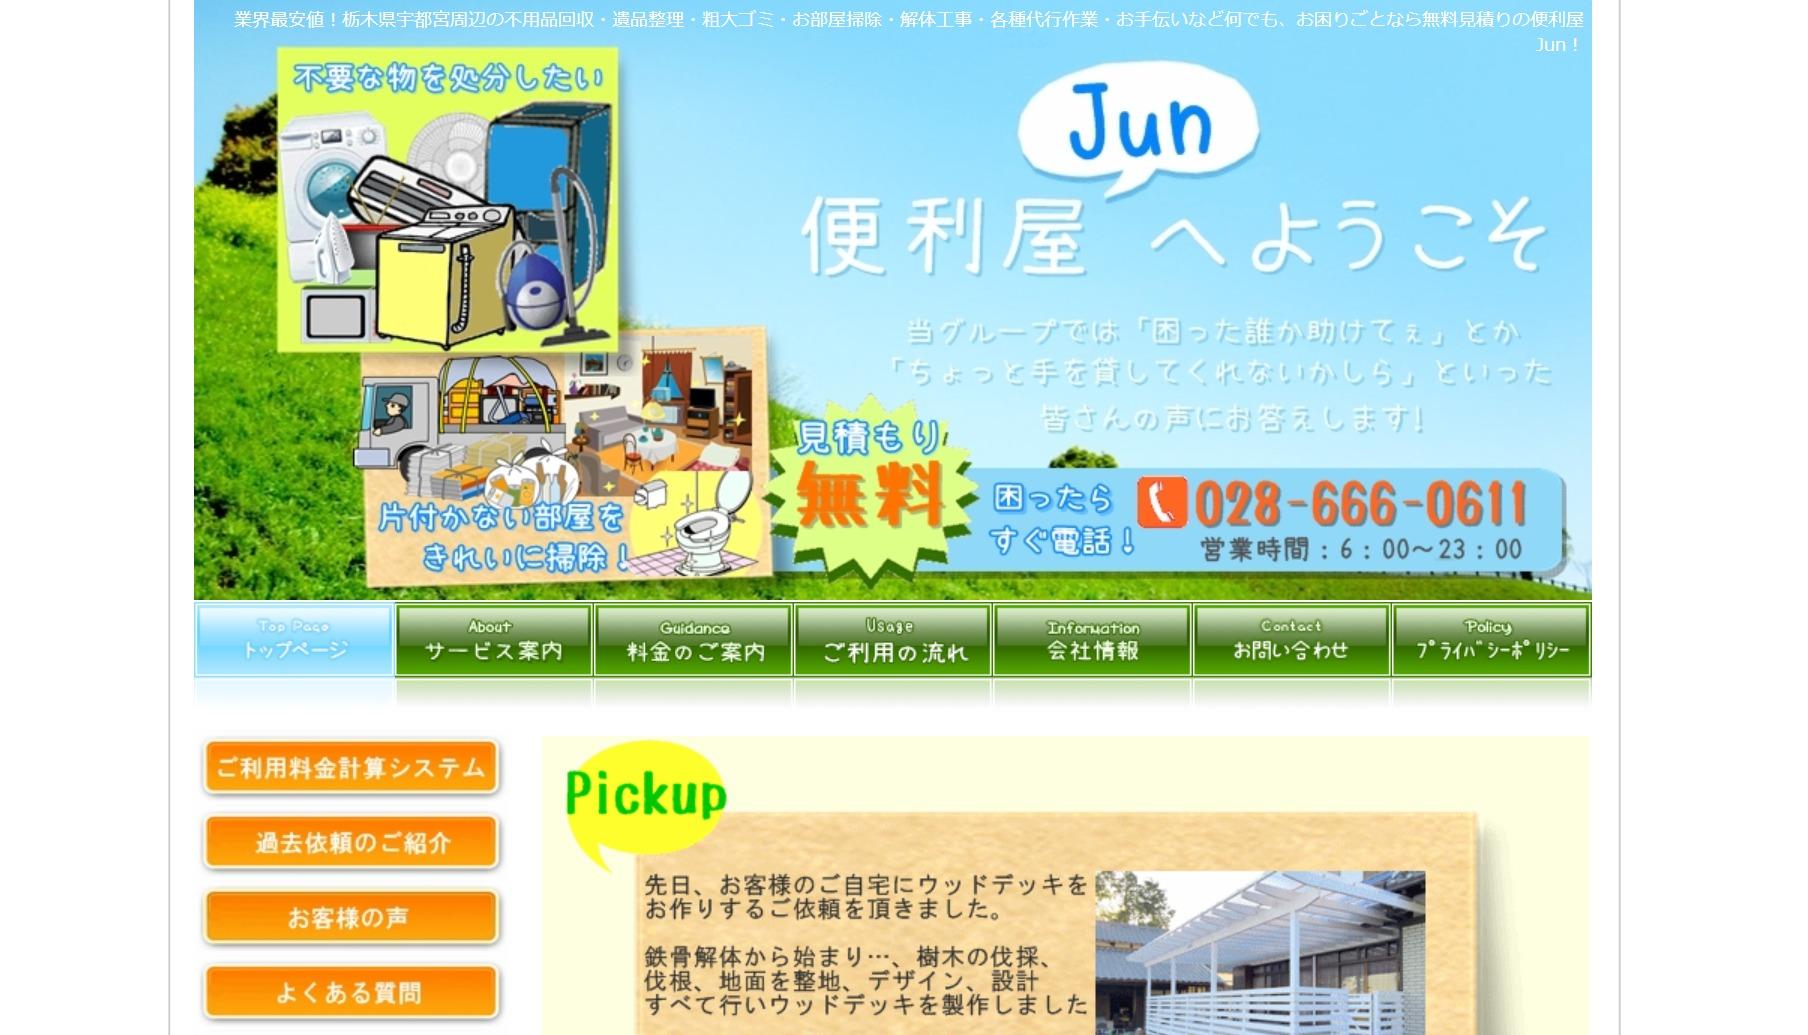 便利屋Jun(栃木県宇都宮市東峰町)